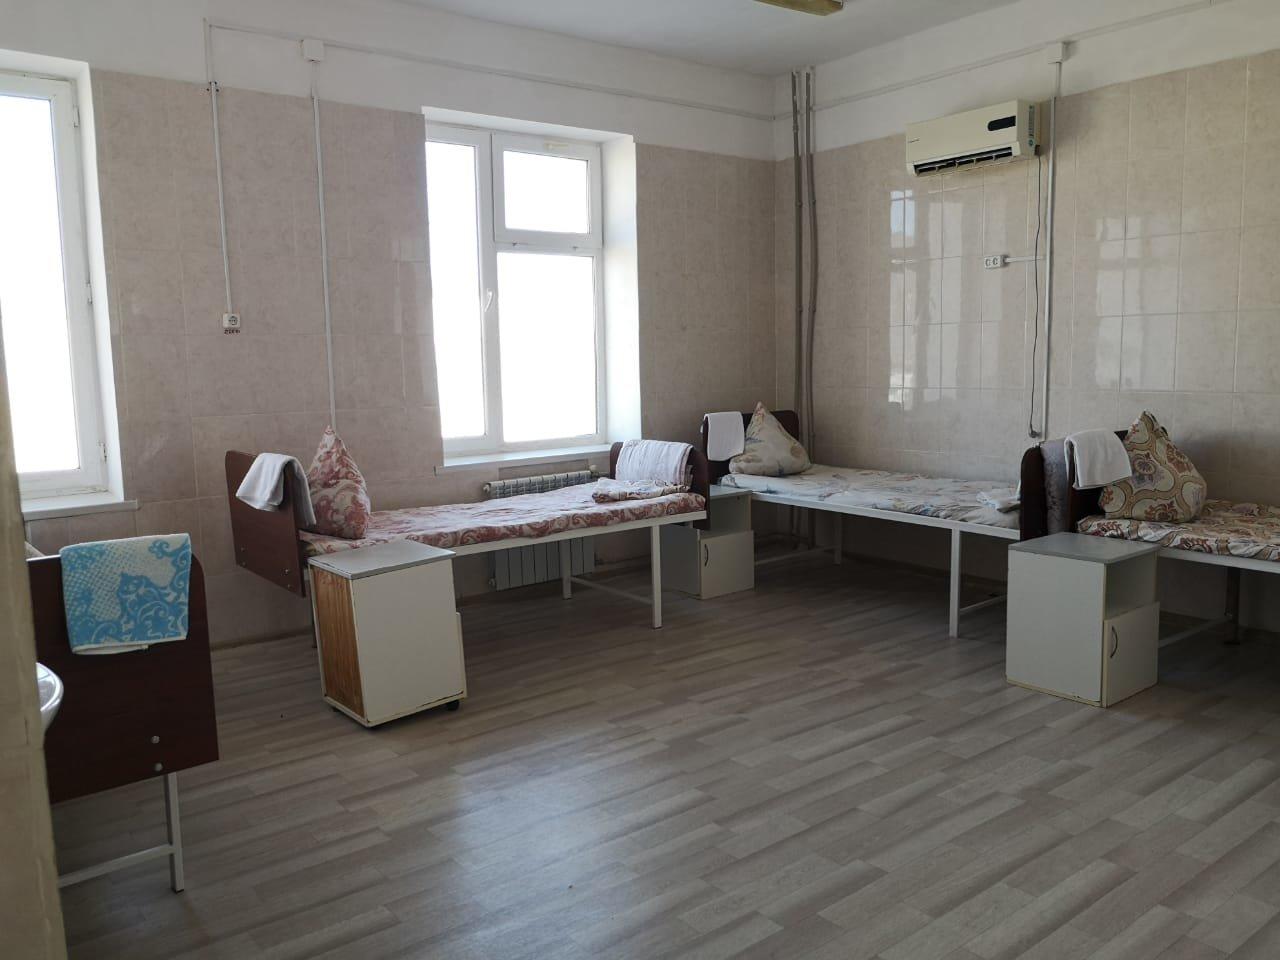 Пассажиров из Турции возмутили условия в провизорном госпитале Актау, фото-1